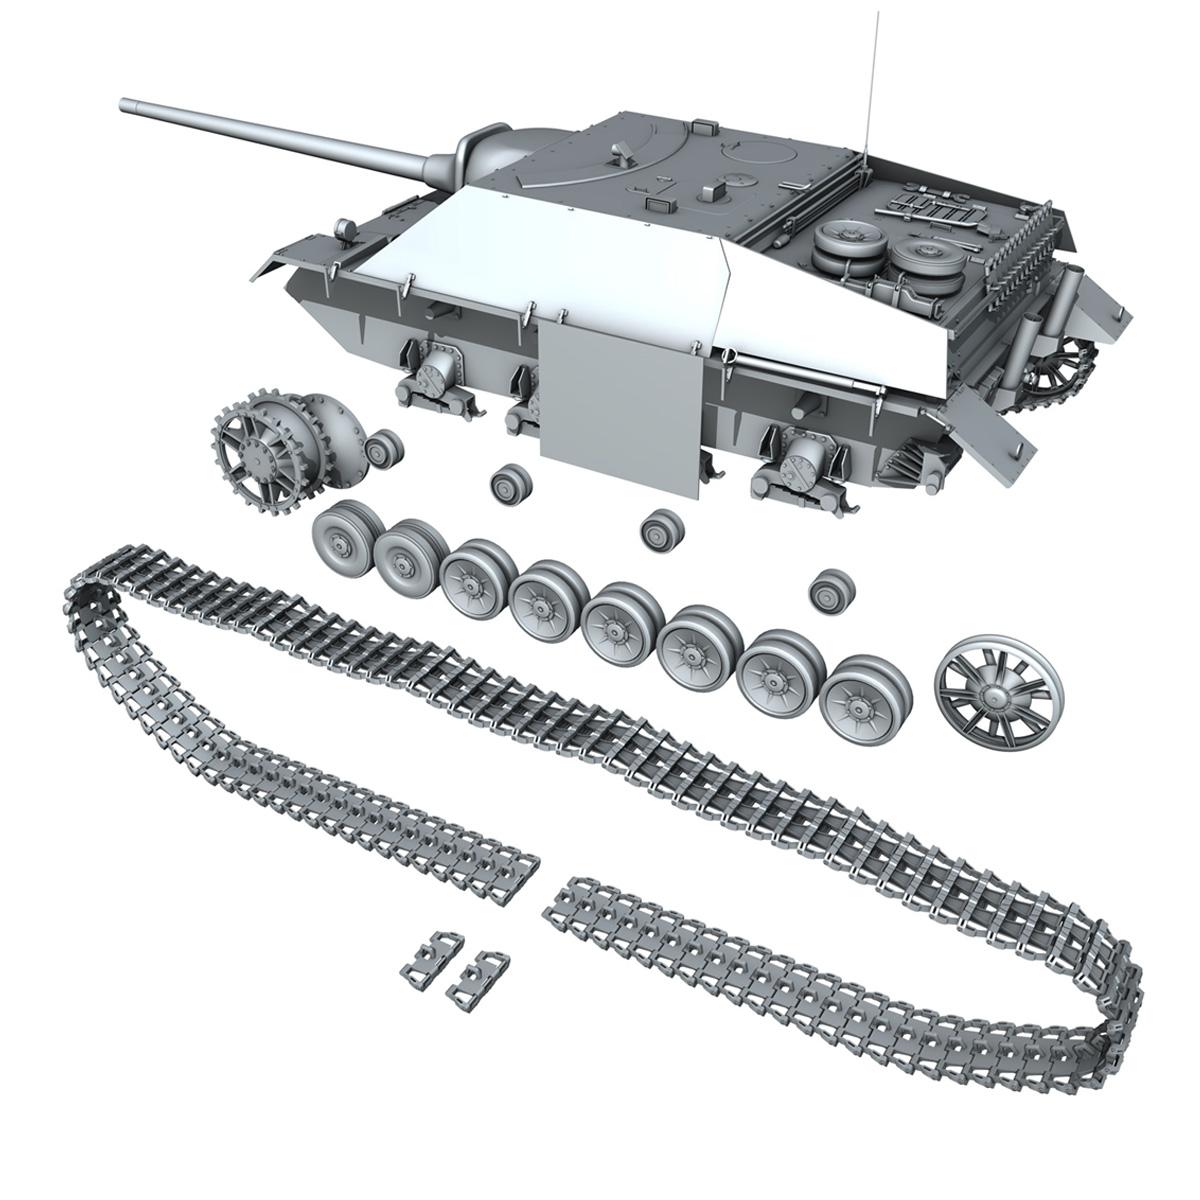 jagdpanzer iv l/70 (v) late production 3d model 3ds fbx c4d lwo obj 202026